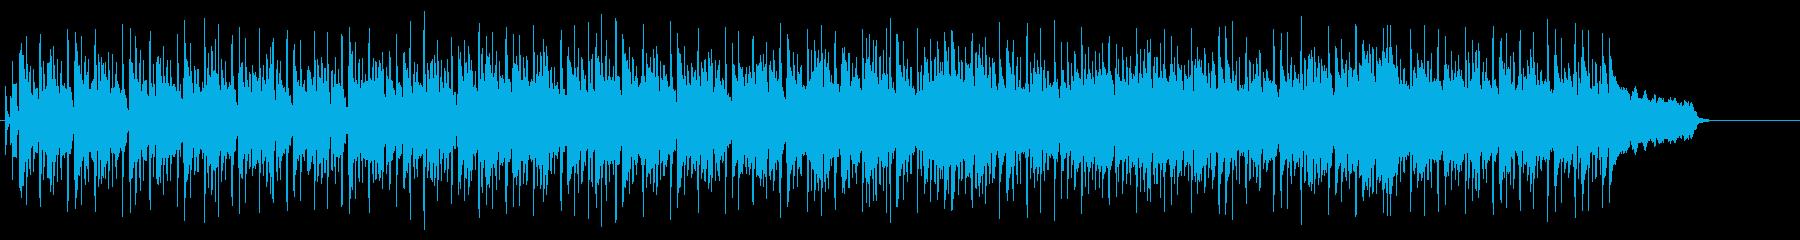 青空の下が似合う素直なポップスの再生済みの波形